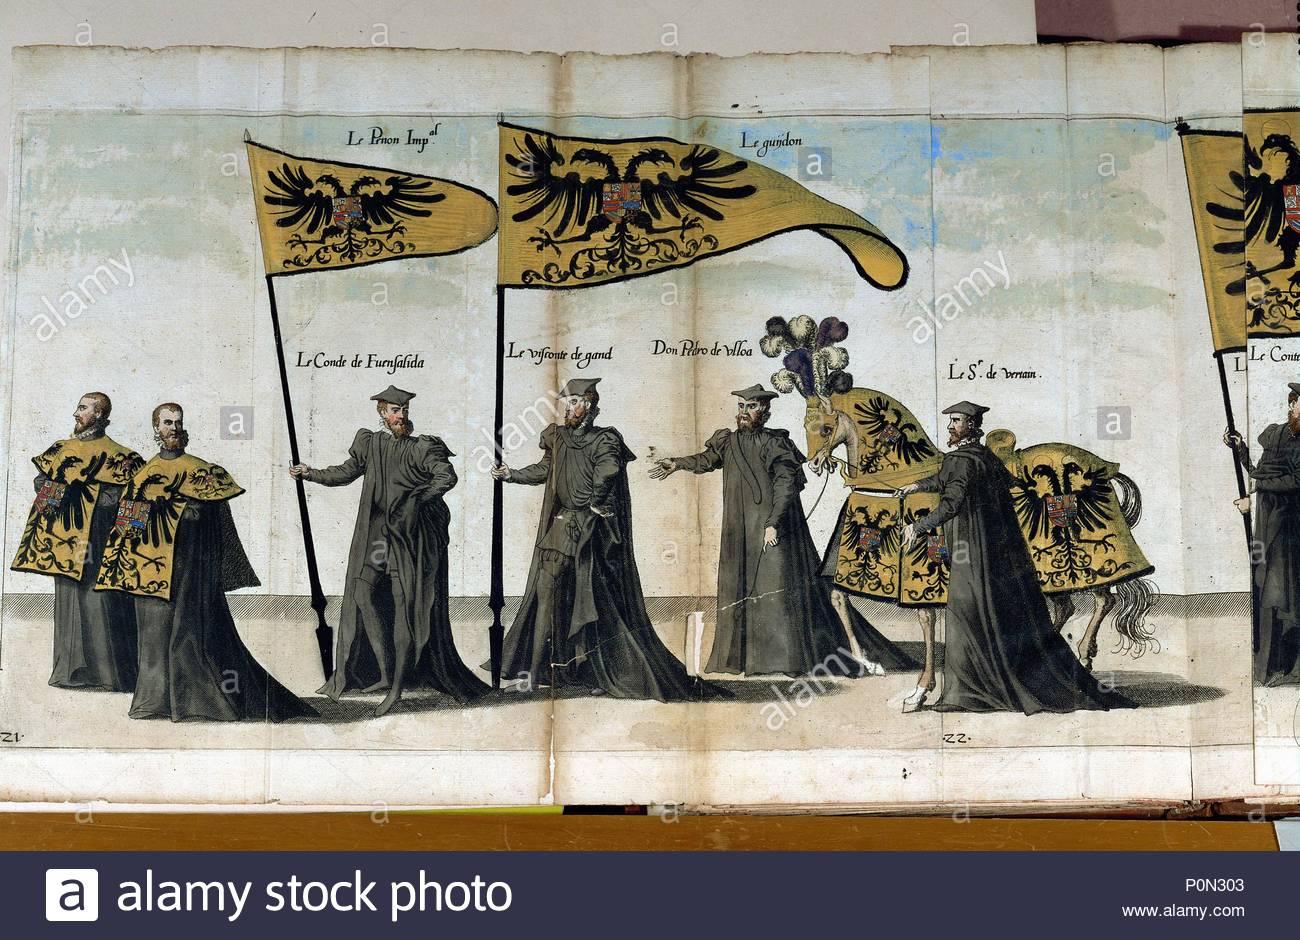 Caparisons Normes Et Espagnol Nobles Hérauts Hérauts'manteaux q7xvRUwHz